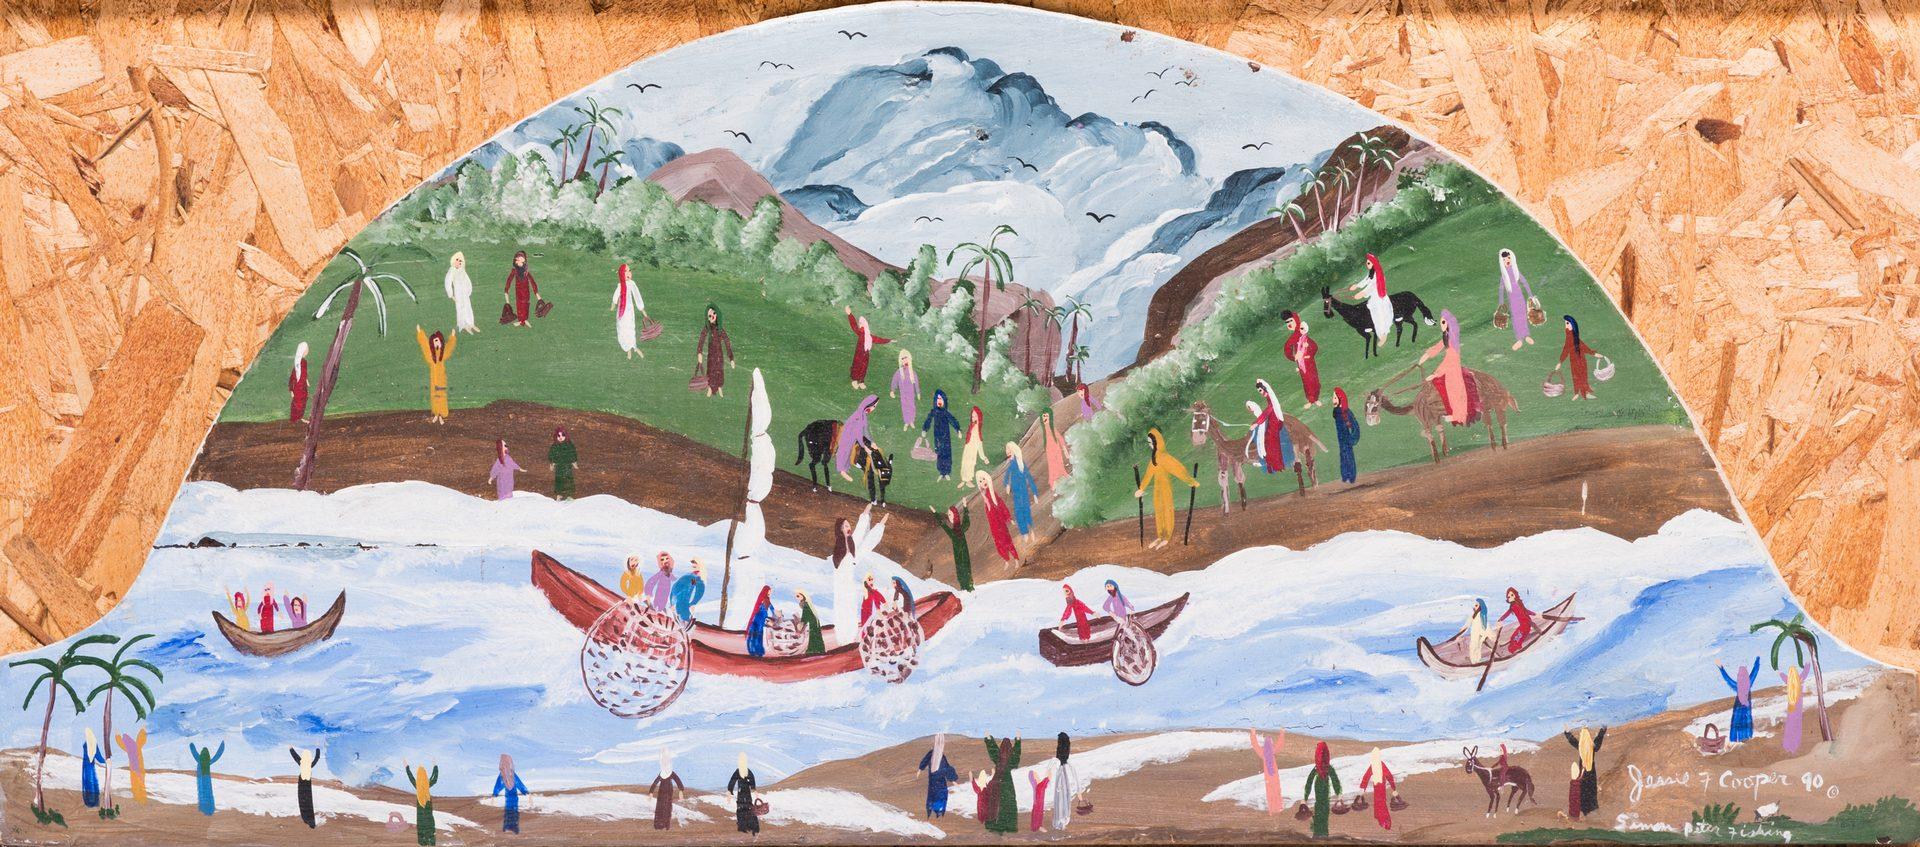 Lot 592: 3 Works of Folk Art, inc. Kugler, Cooper